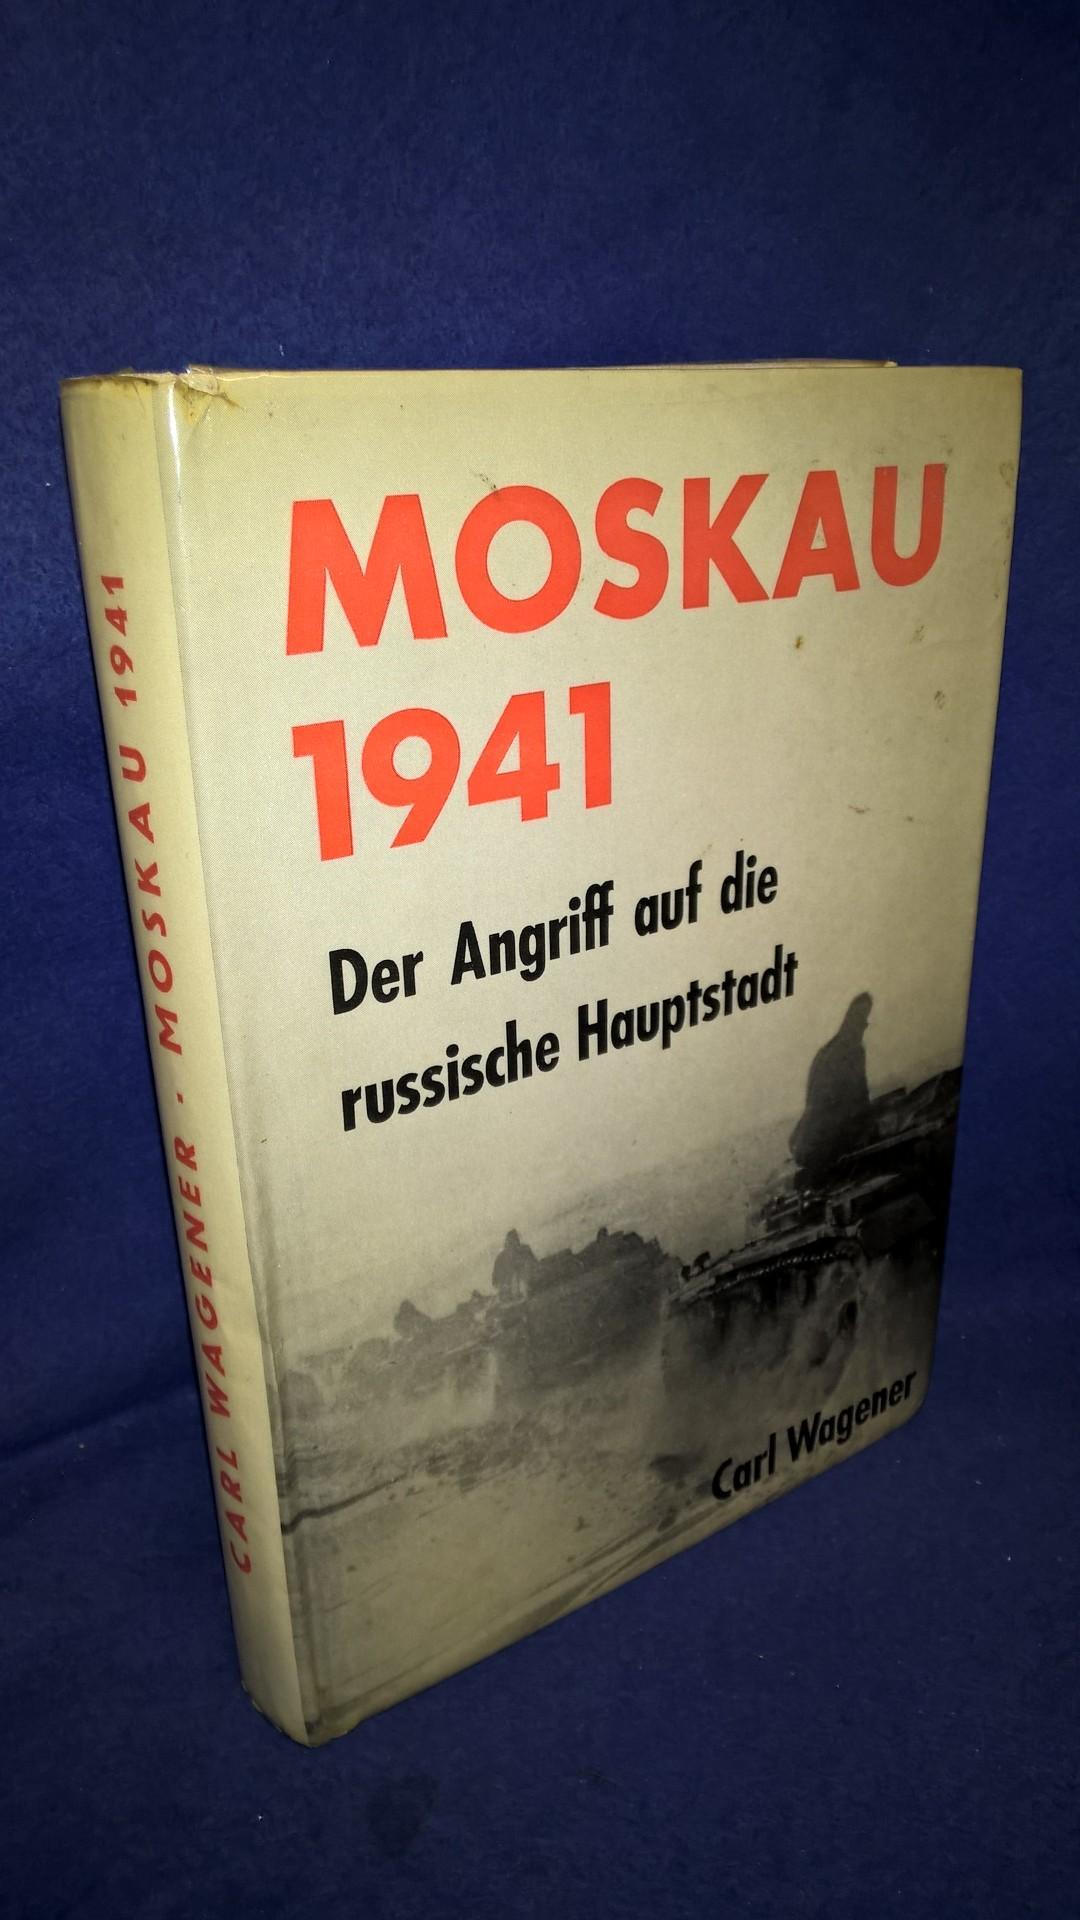 Moskau 1941. Der Angriff auf die russische Hauptstadt.